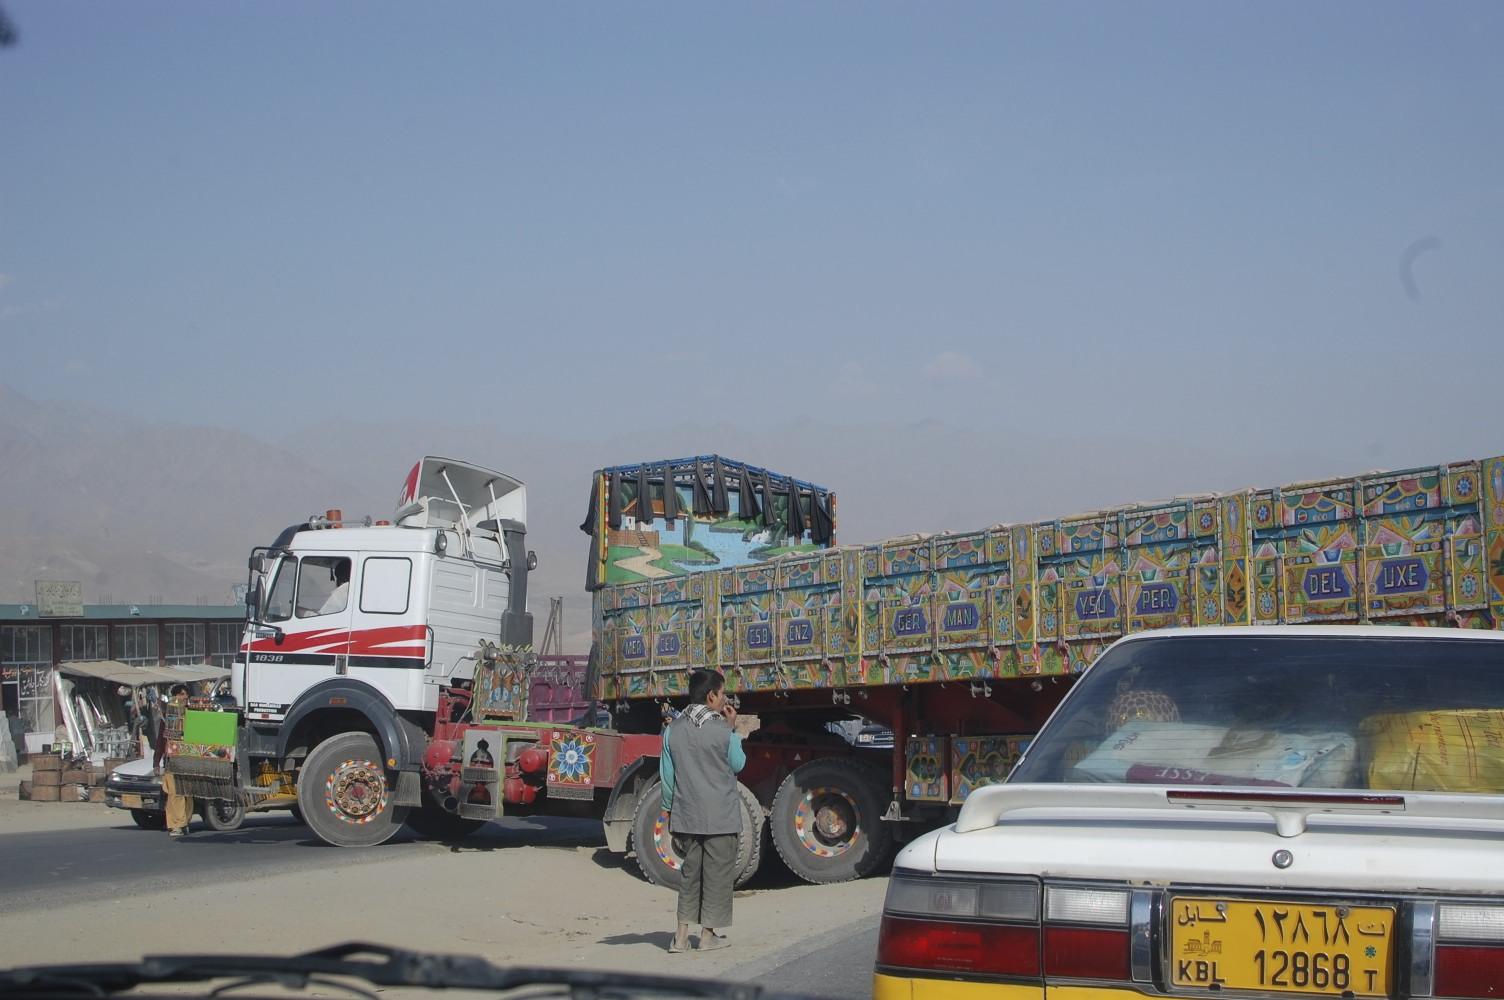 File:Mercedes-Benz-based jingle truck in Afghanistan.jpg - Wikimedia ...